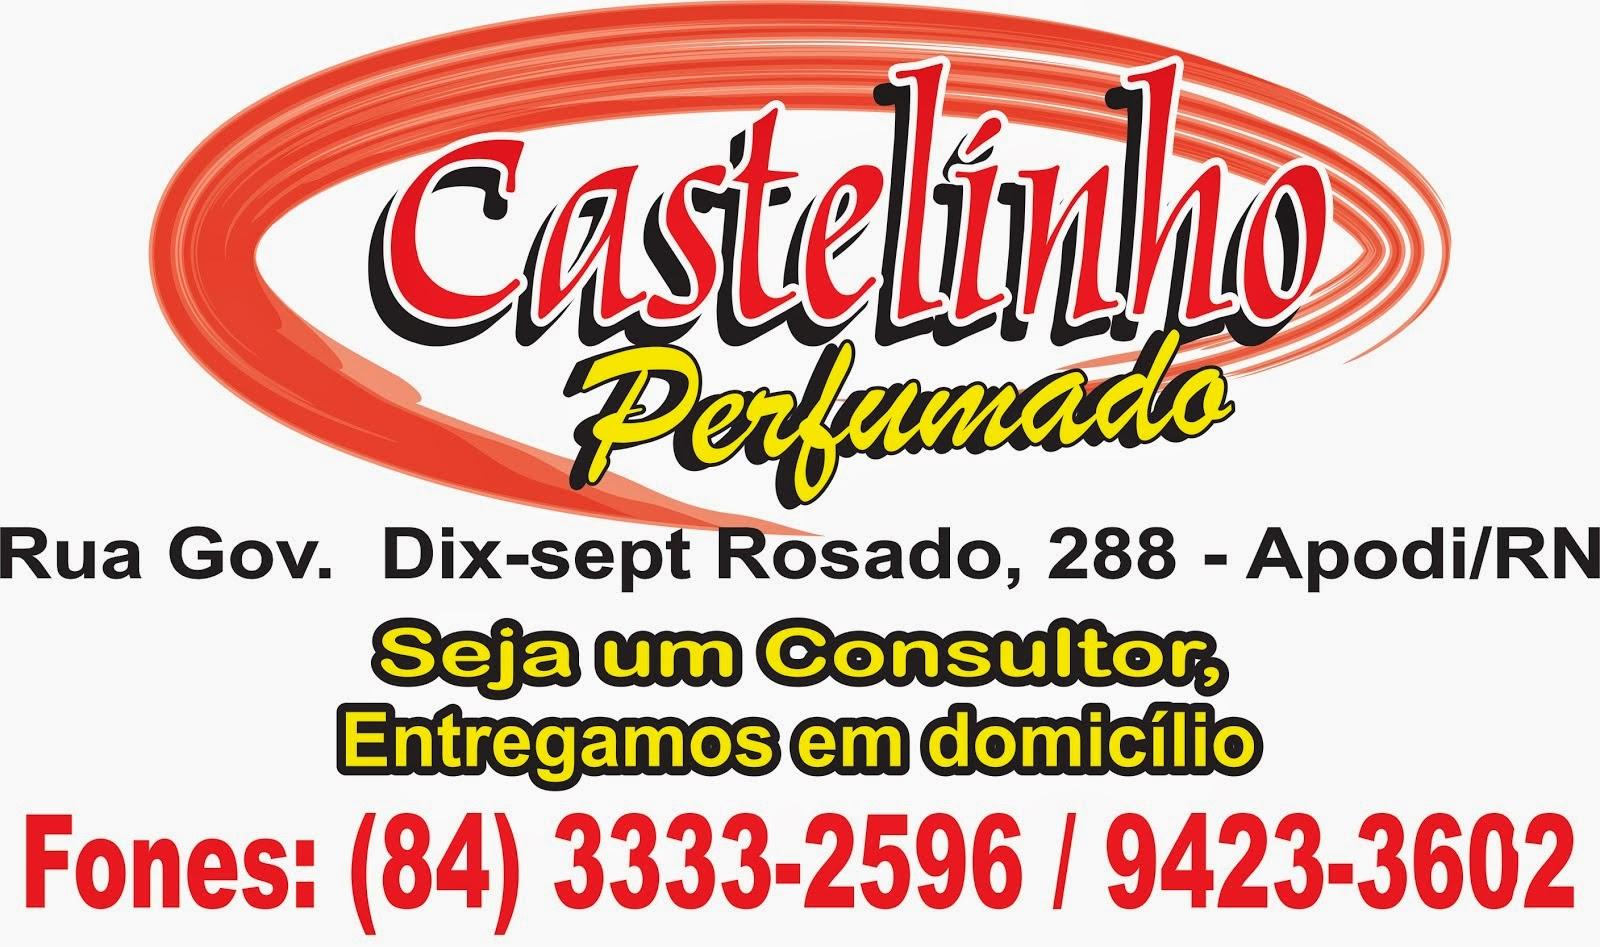 Castelinho Perfumado